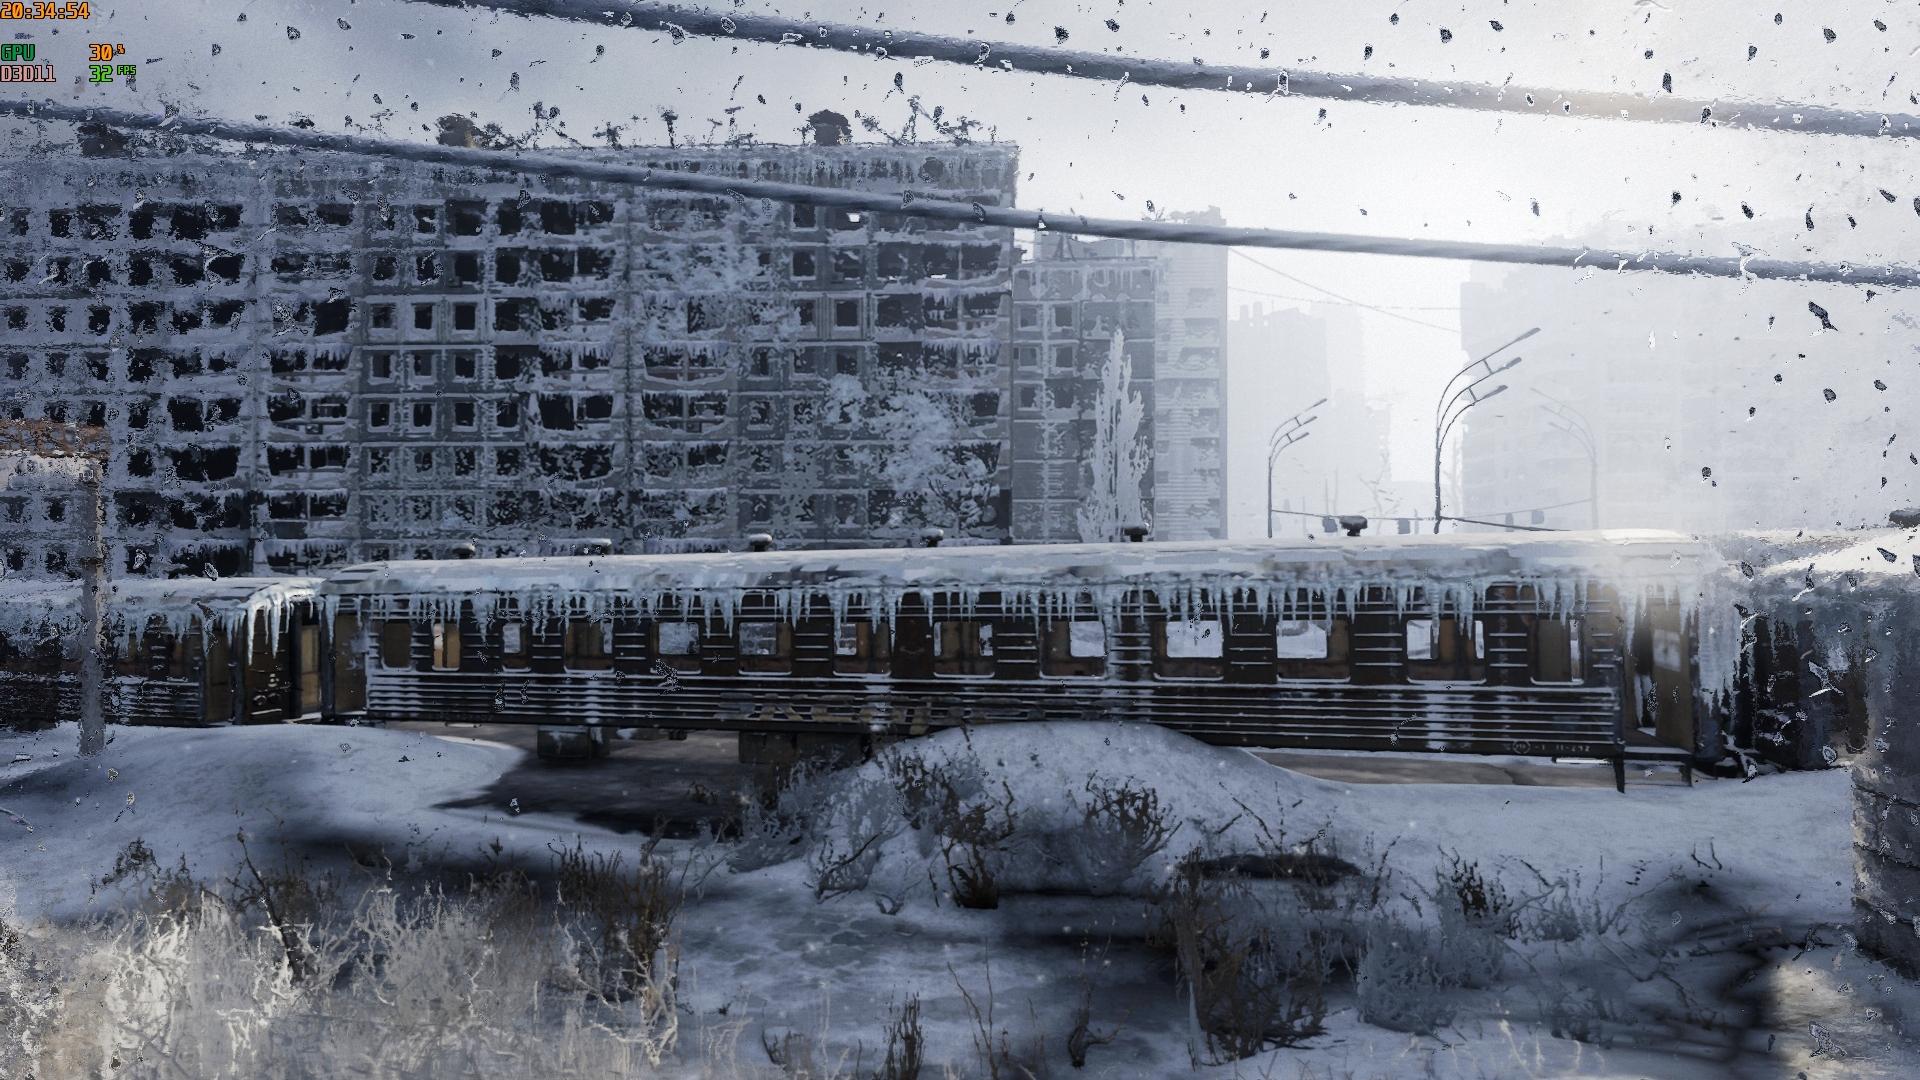 Metro-Exodus-2019-03-02-20-34-54-534.jpg